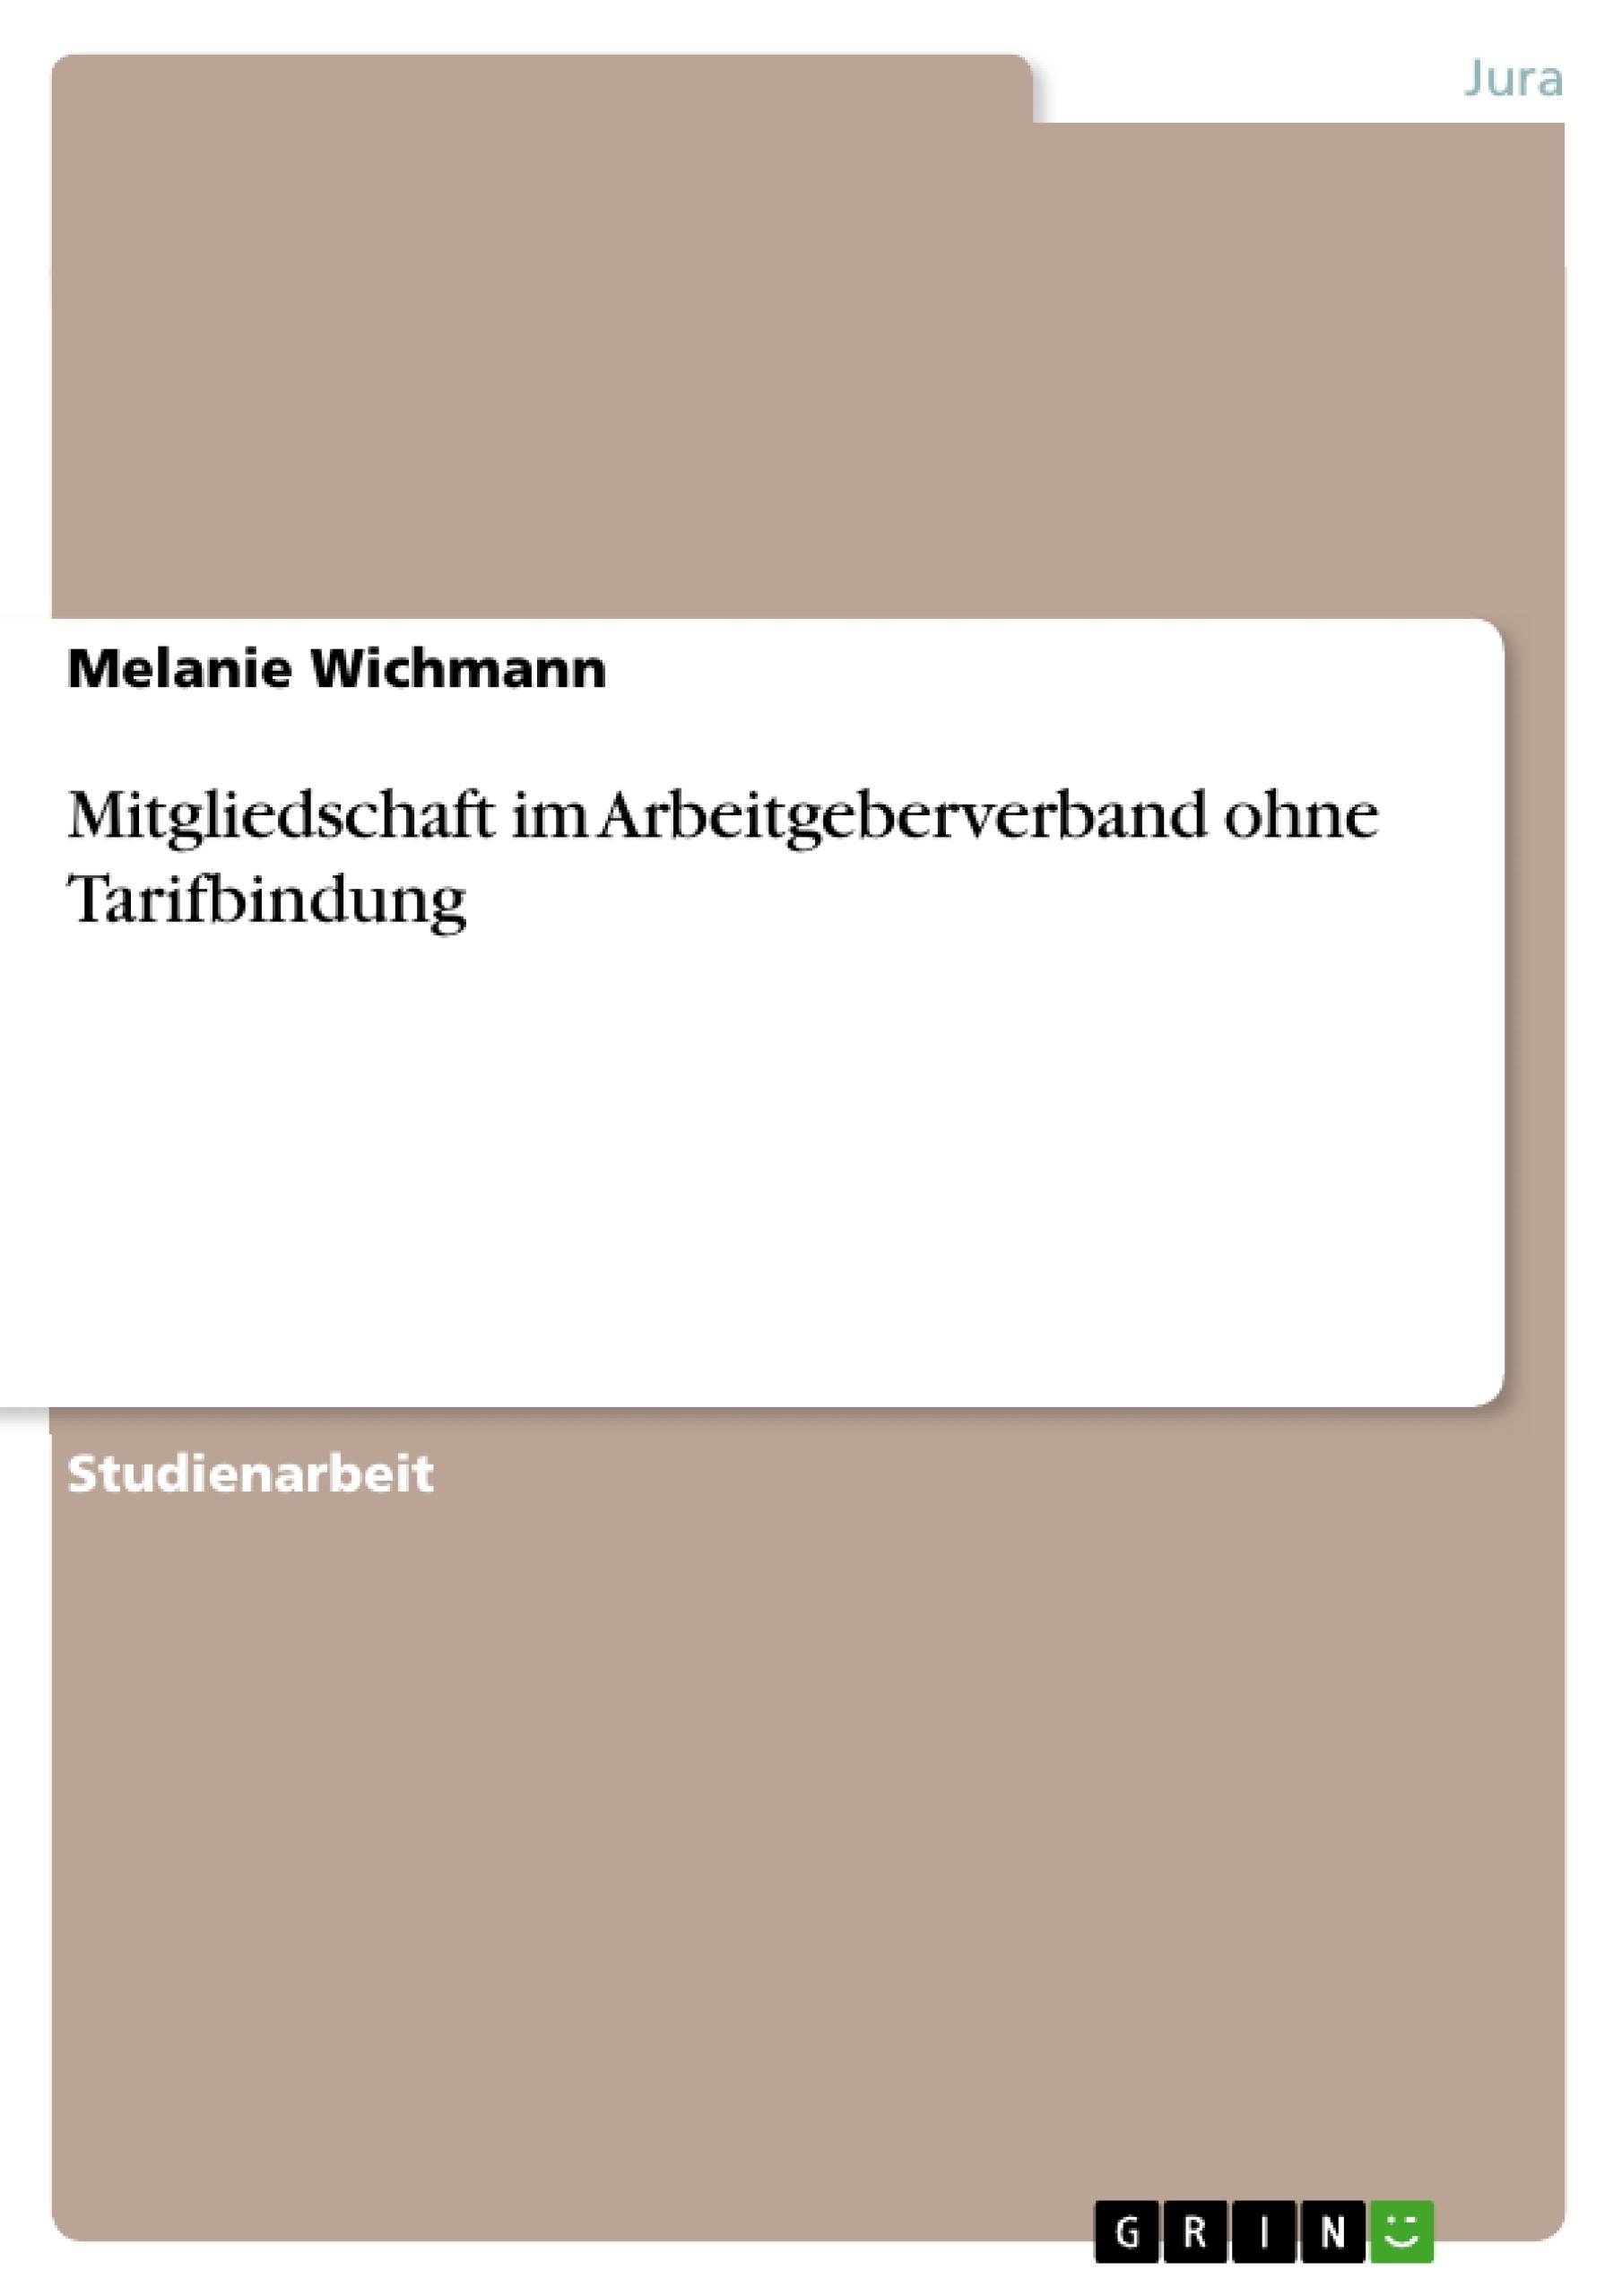 Titel: Mitgliedschaft im Arbeitgeberverband ohne Tarifbindung